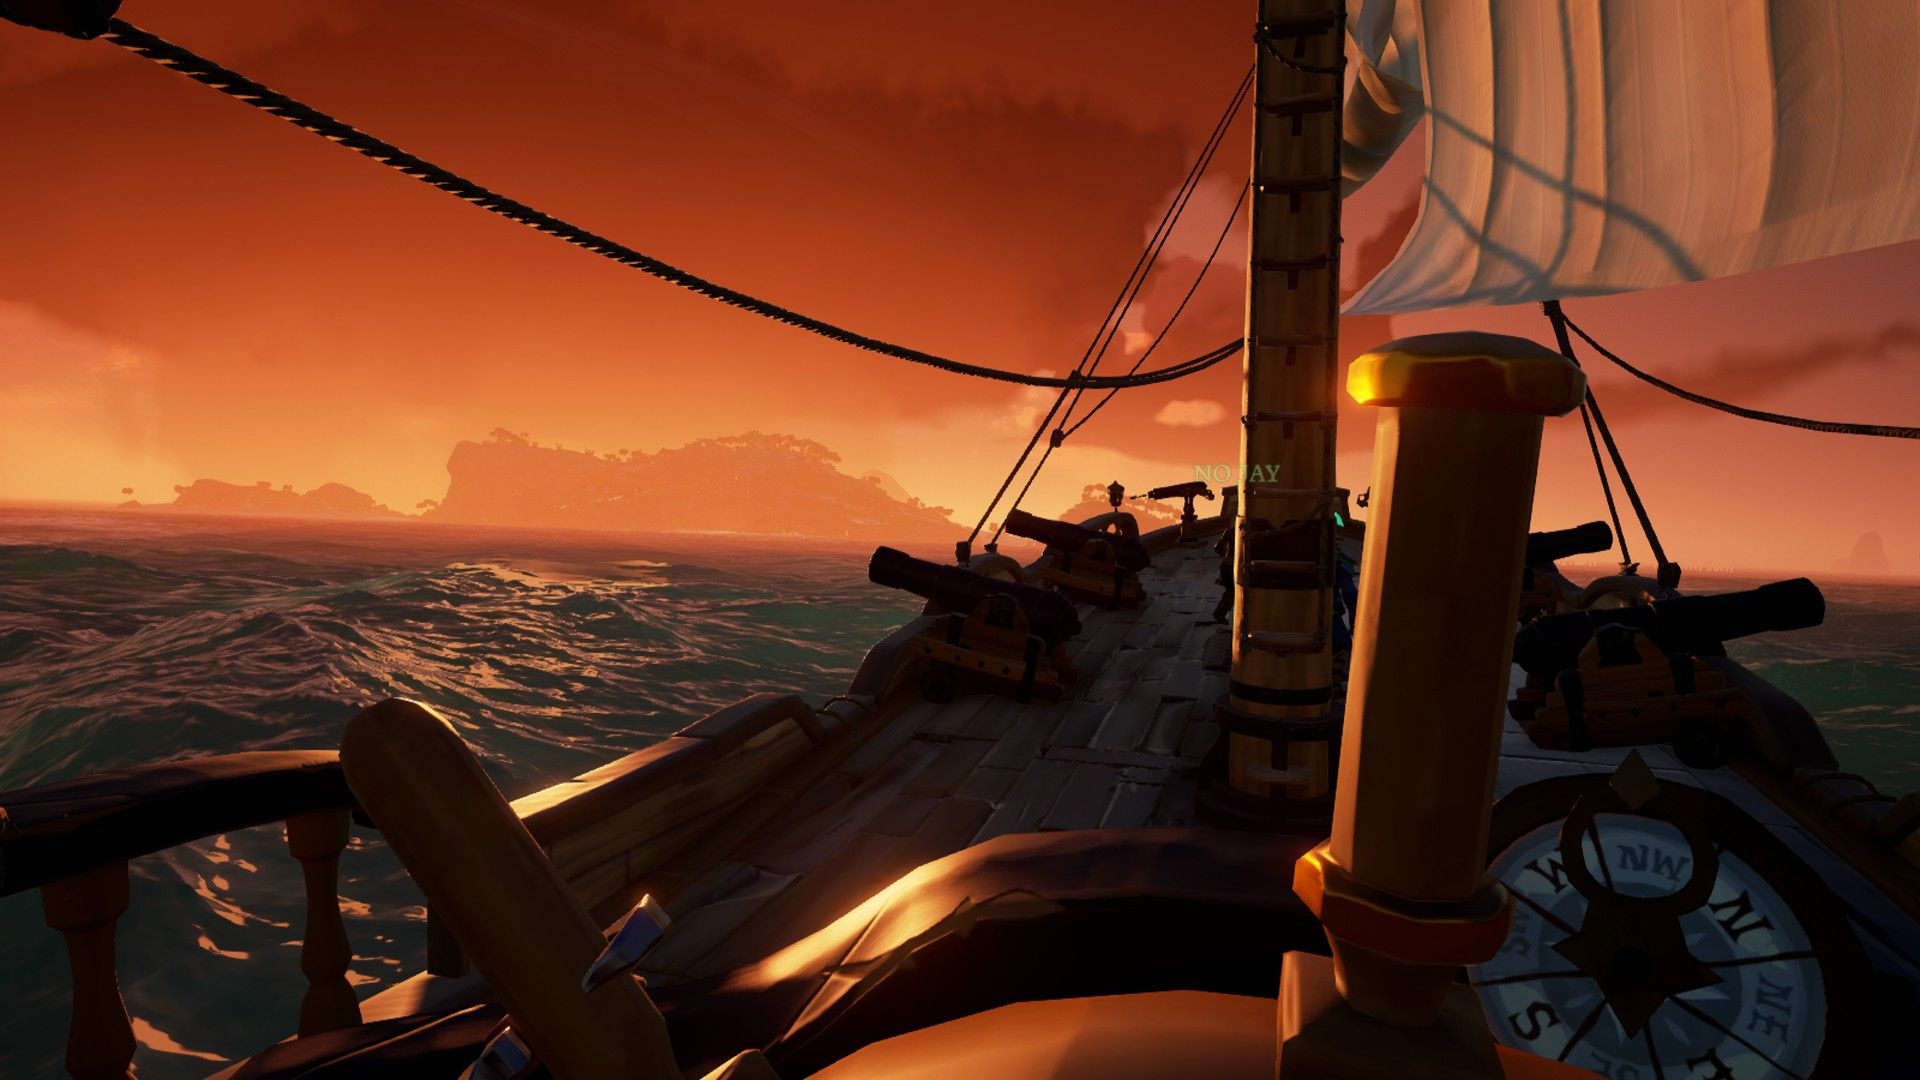 Sea of Thieves Xbox One EINRIB13 Sea of thieves, Sea